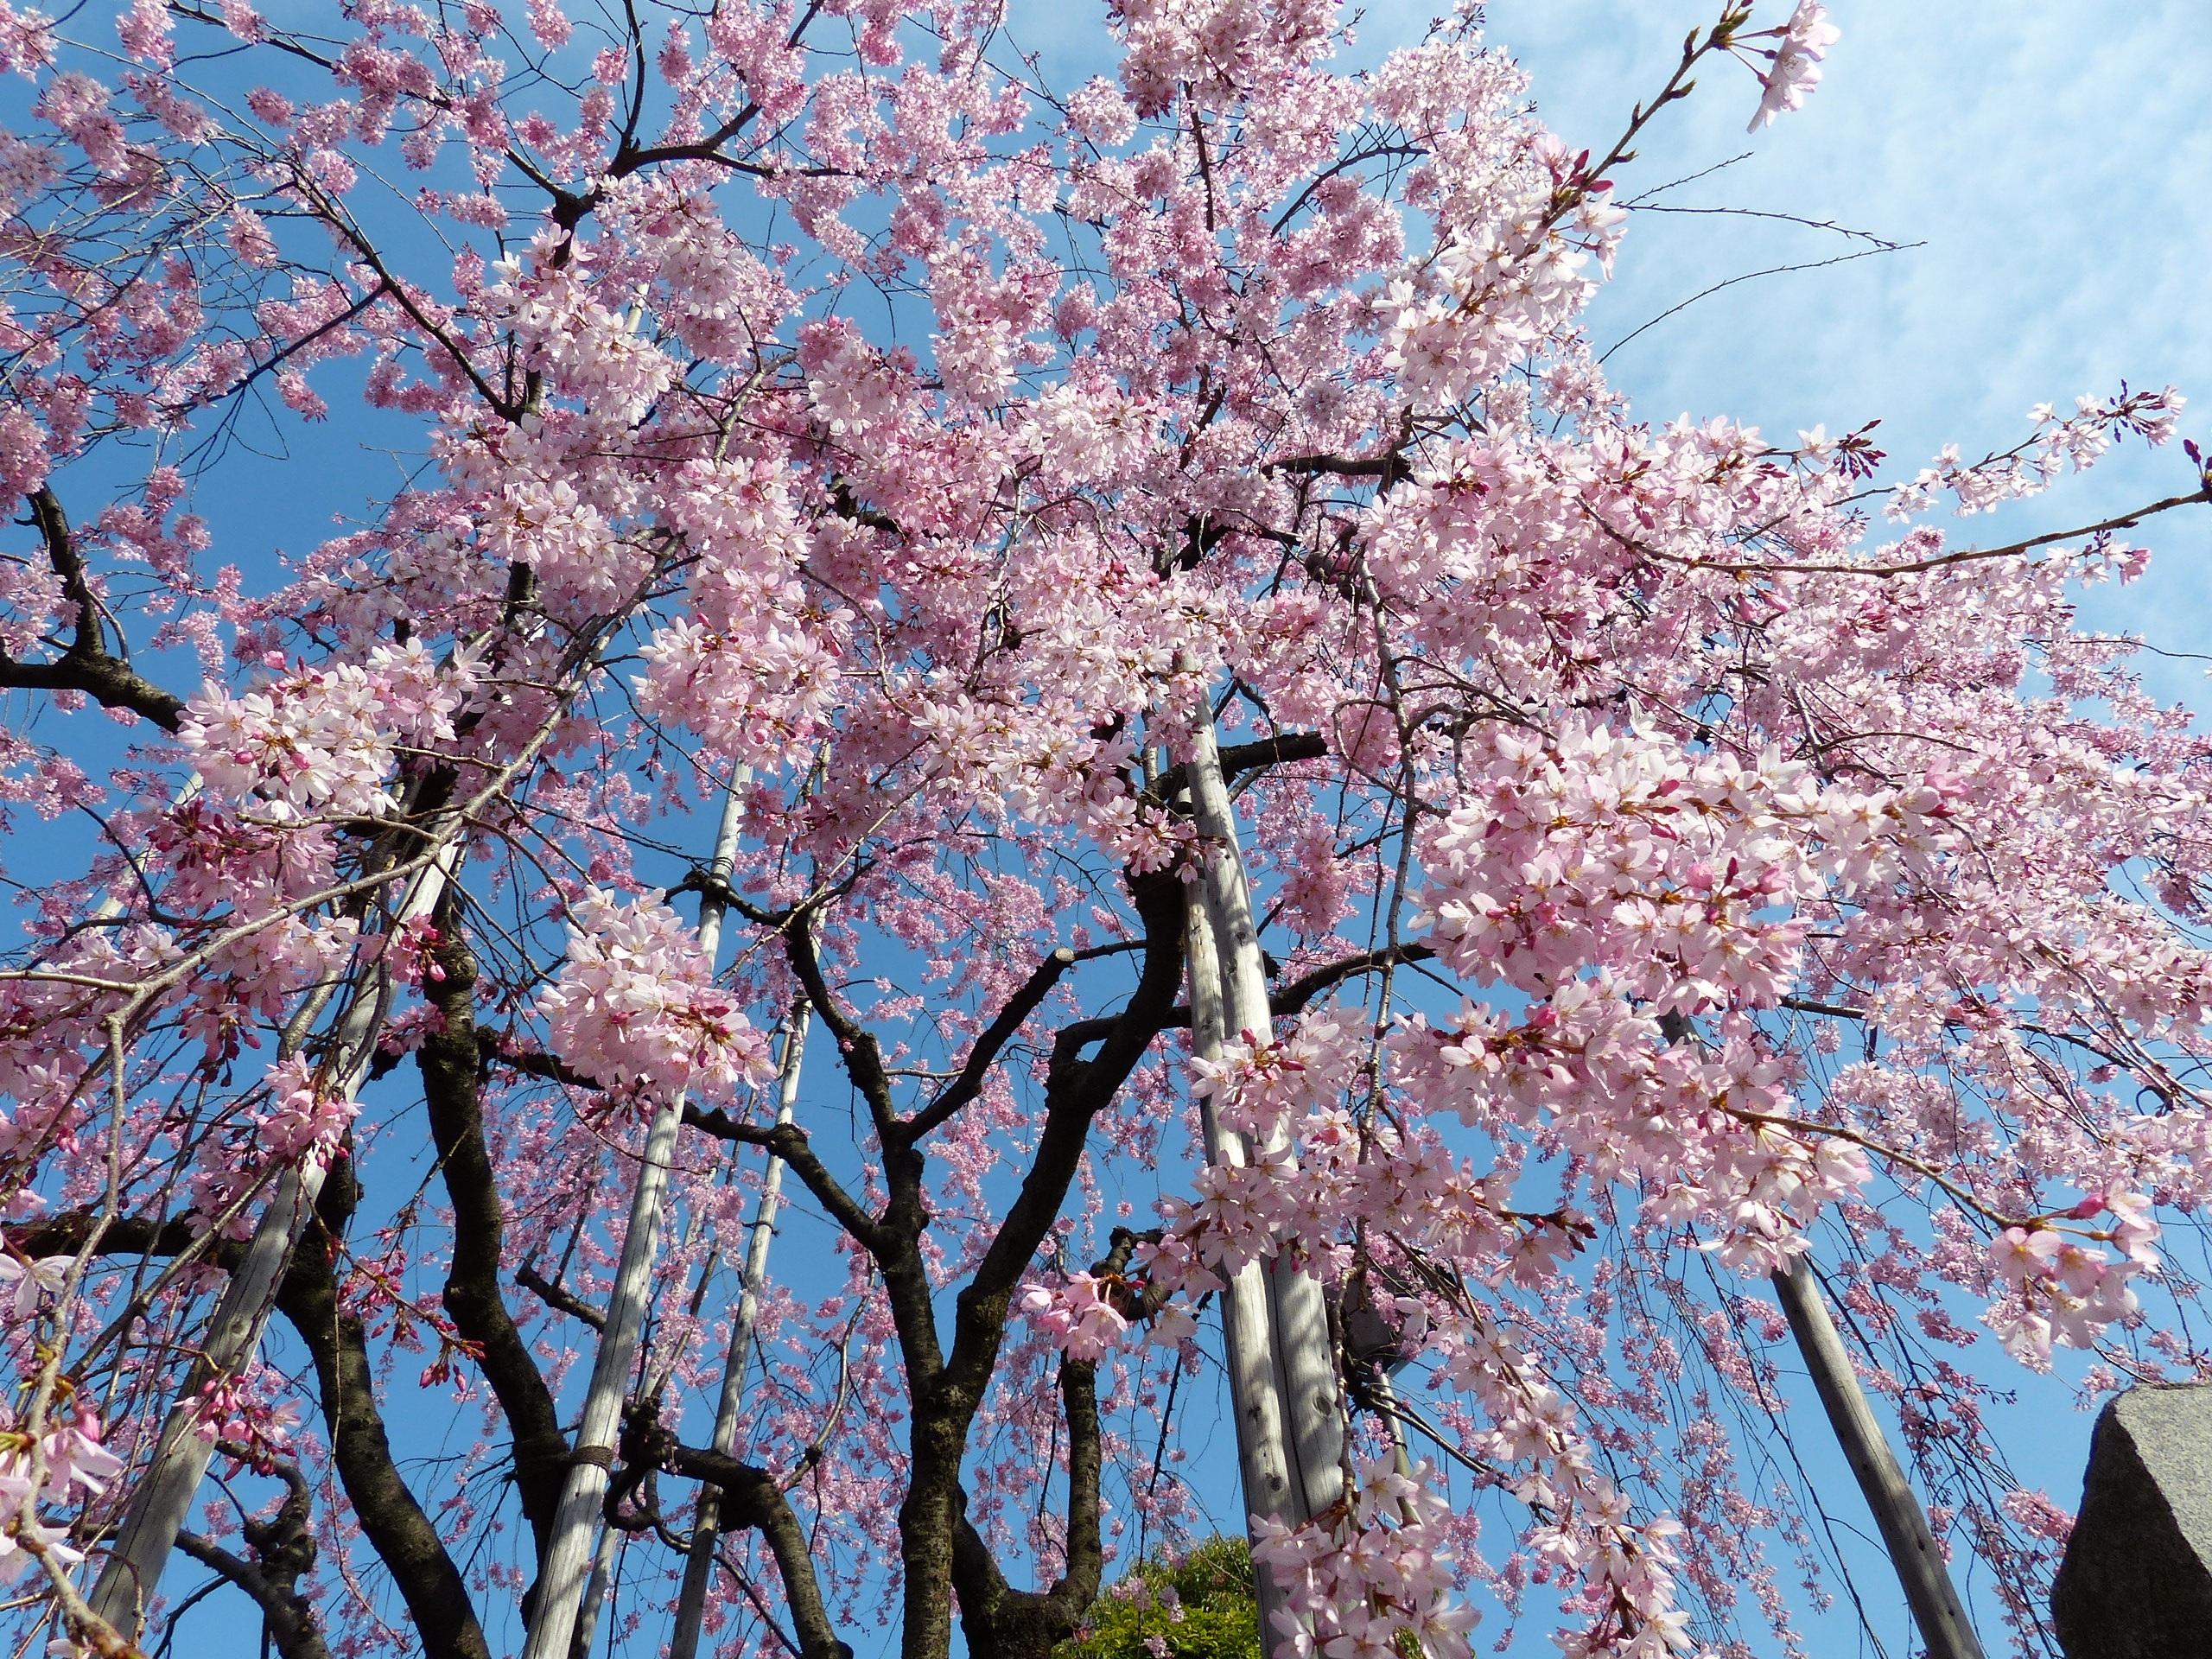 зрителей картинки сакуры в цвету полностью объясняет как